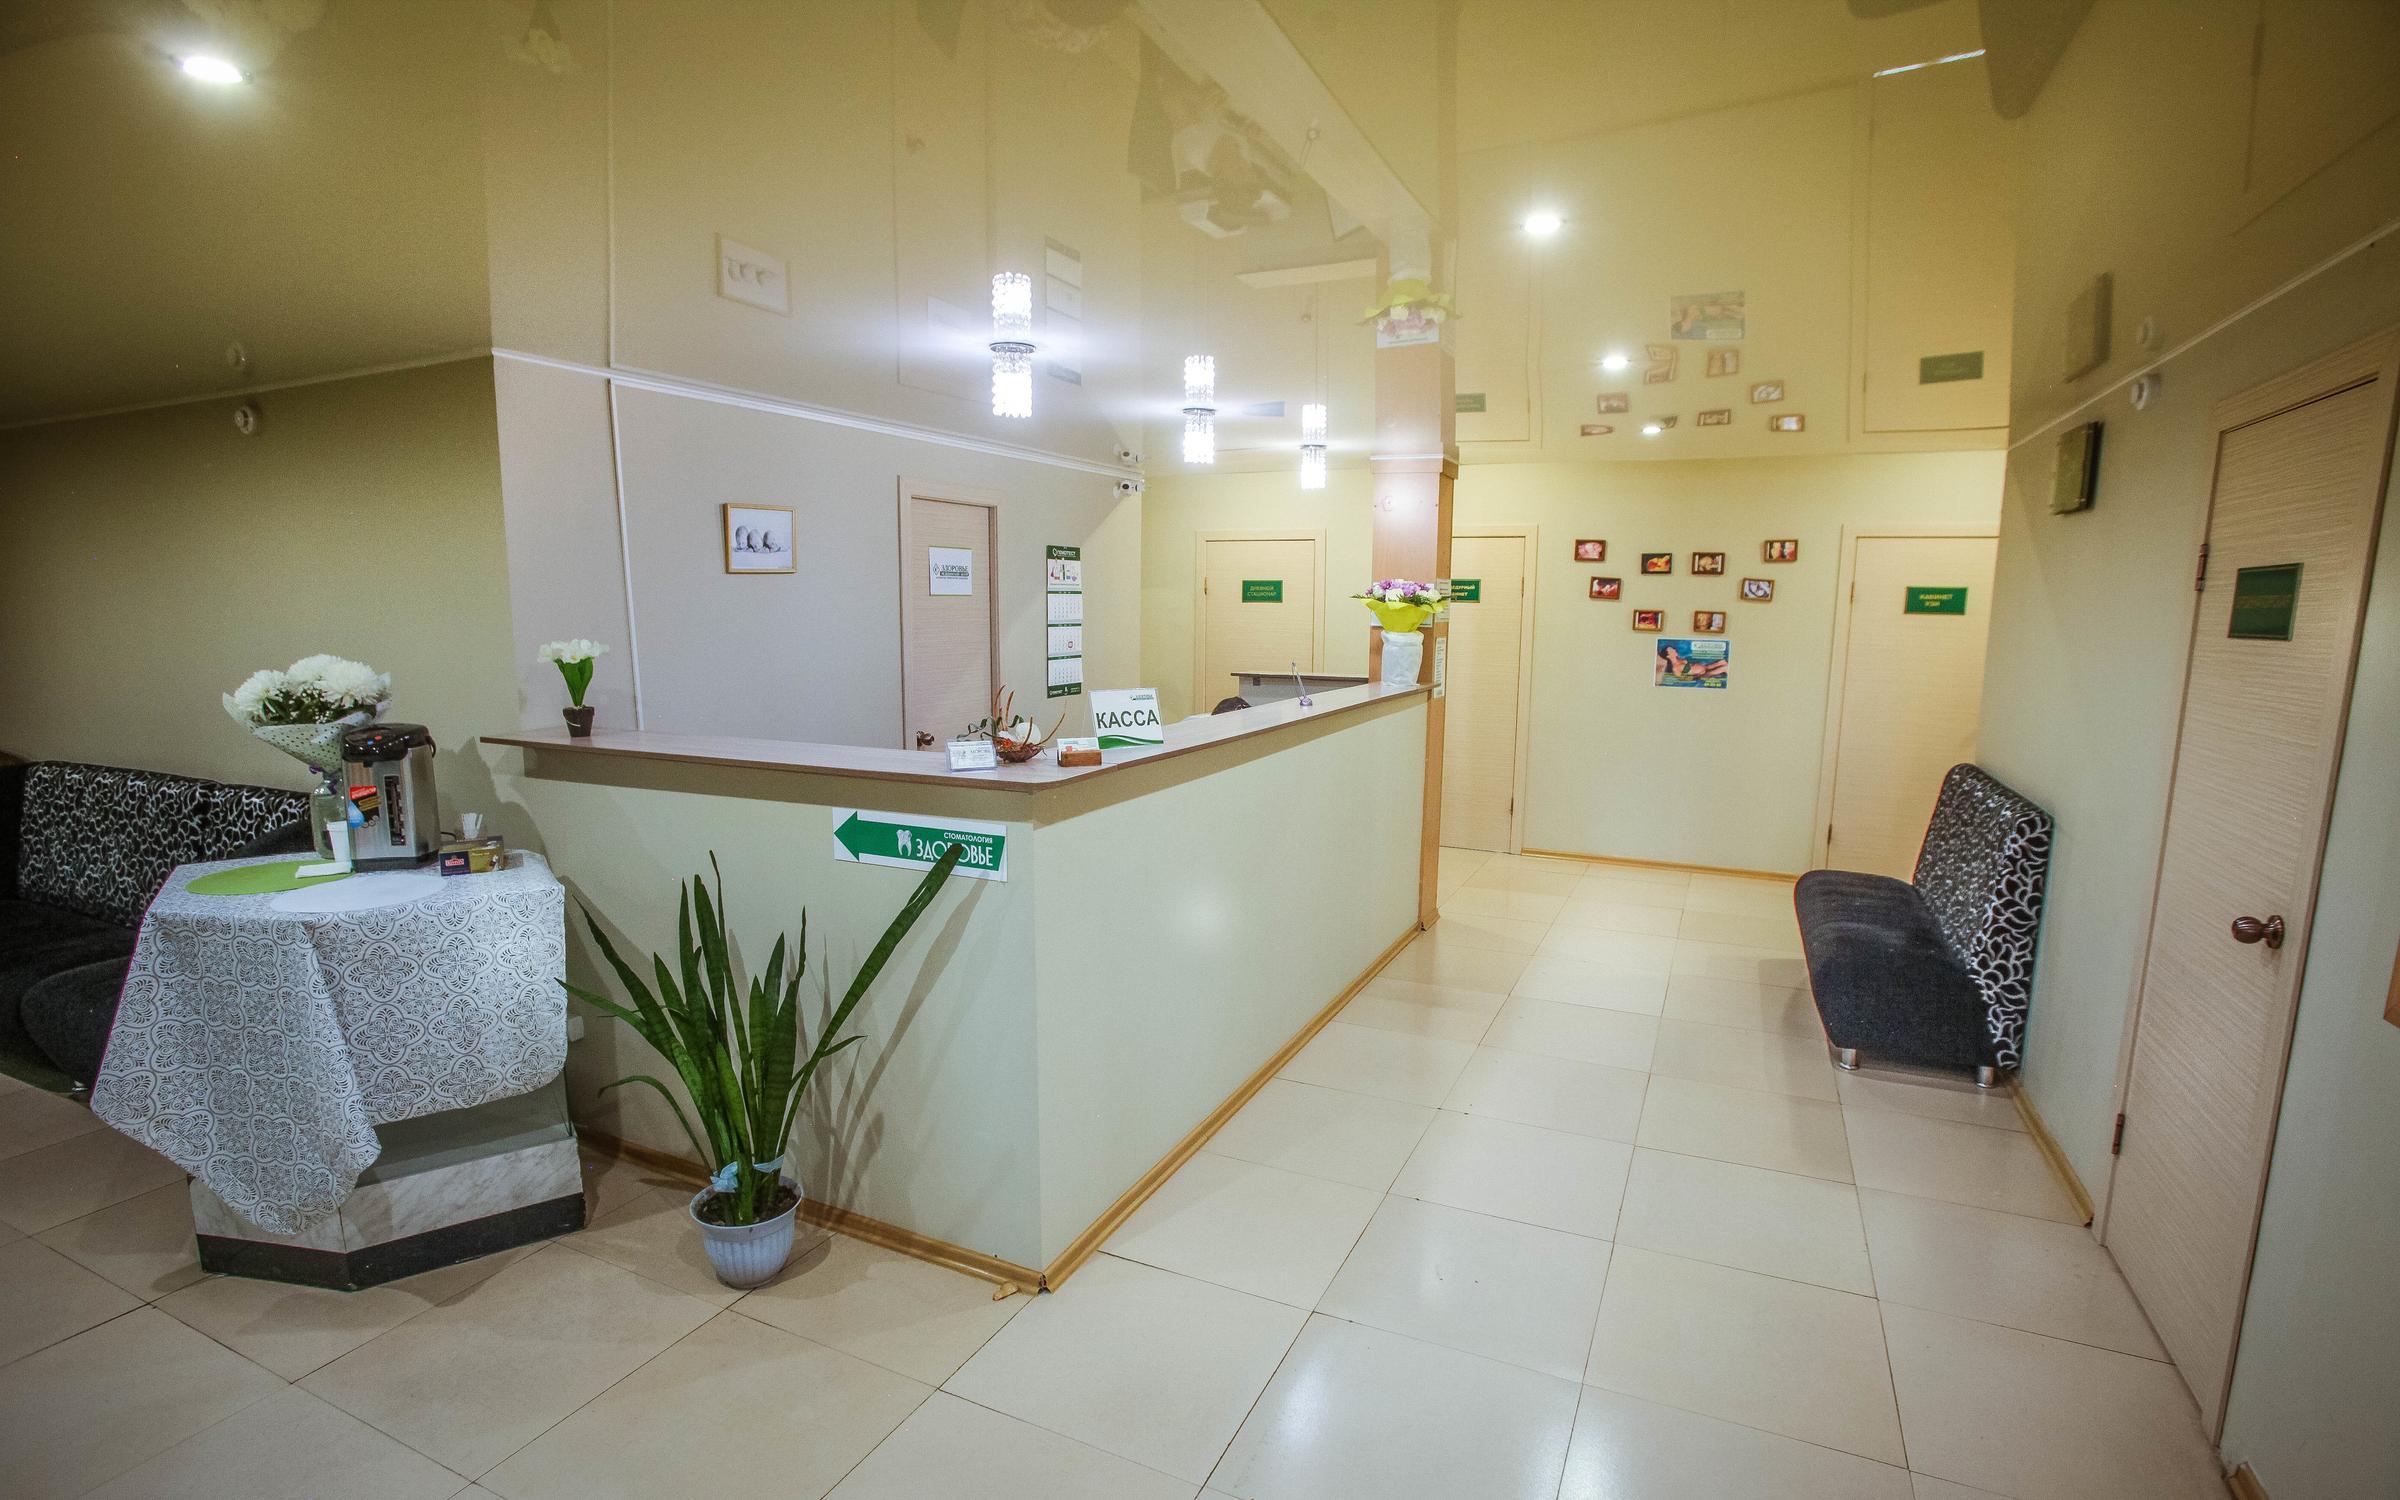 фотография Медицинского центра Здоровье на улице Сахьяновой